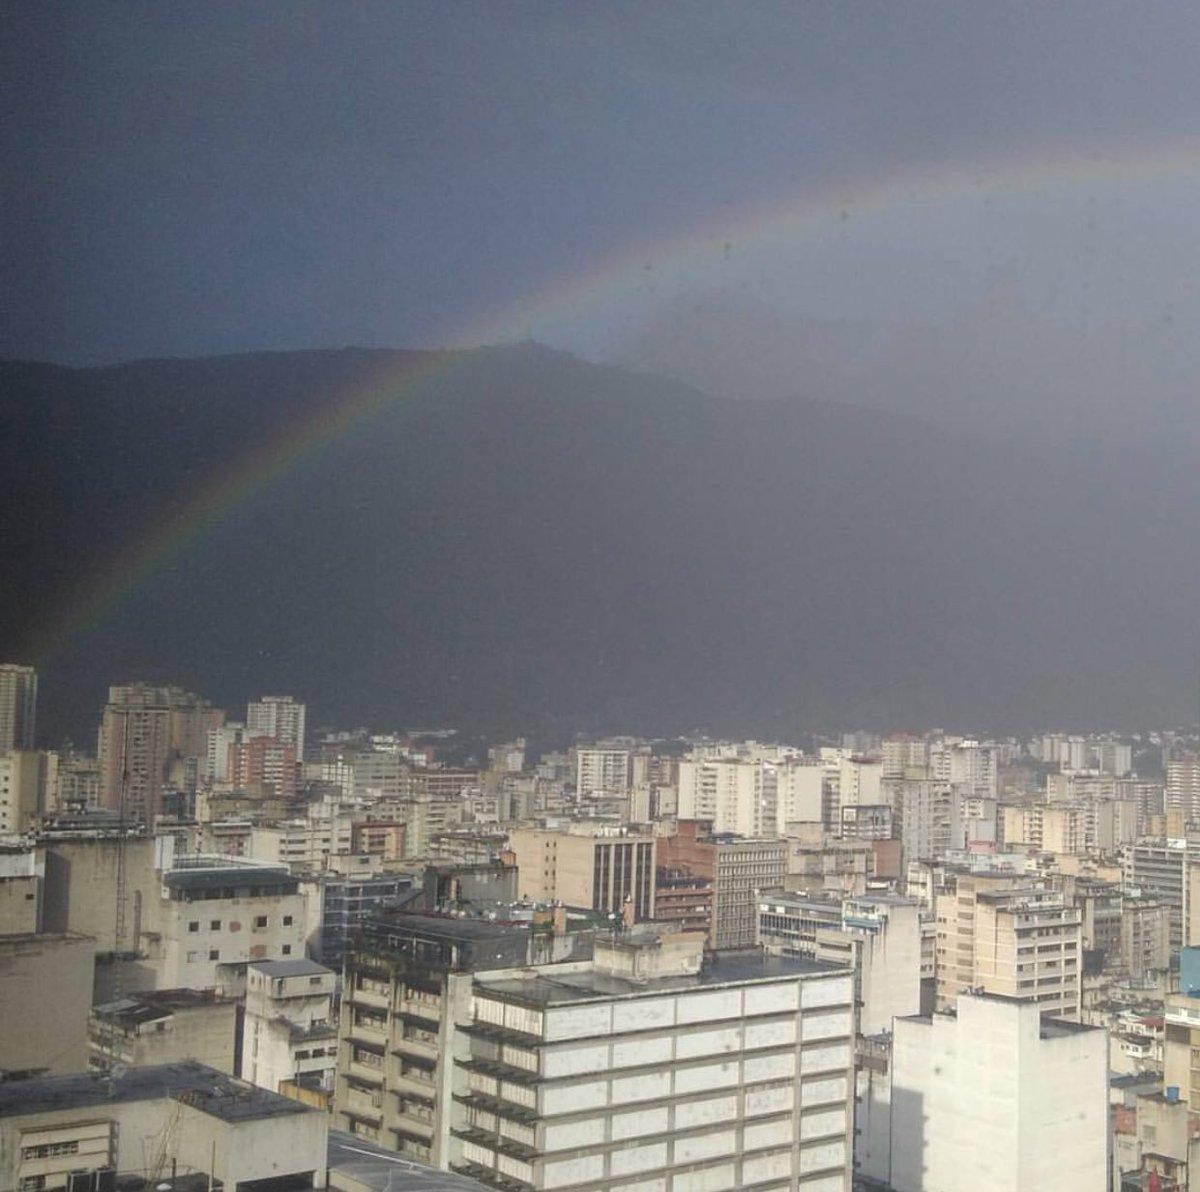 Caracas, siempre tú. Sorprendiéndonos en medio de tantos. Entre tus calles y tu majestuoso cerro El Ávila. 🇻🇪❤️ https://t.co/p9cNtppvC7